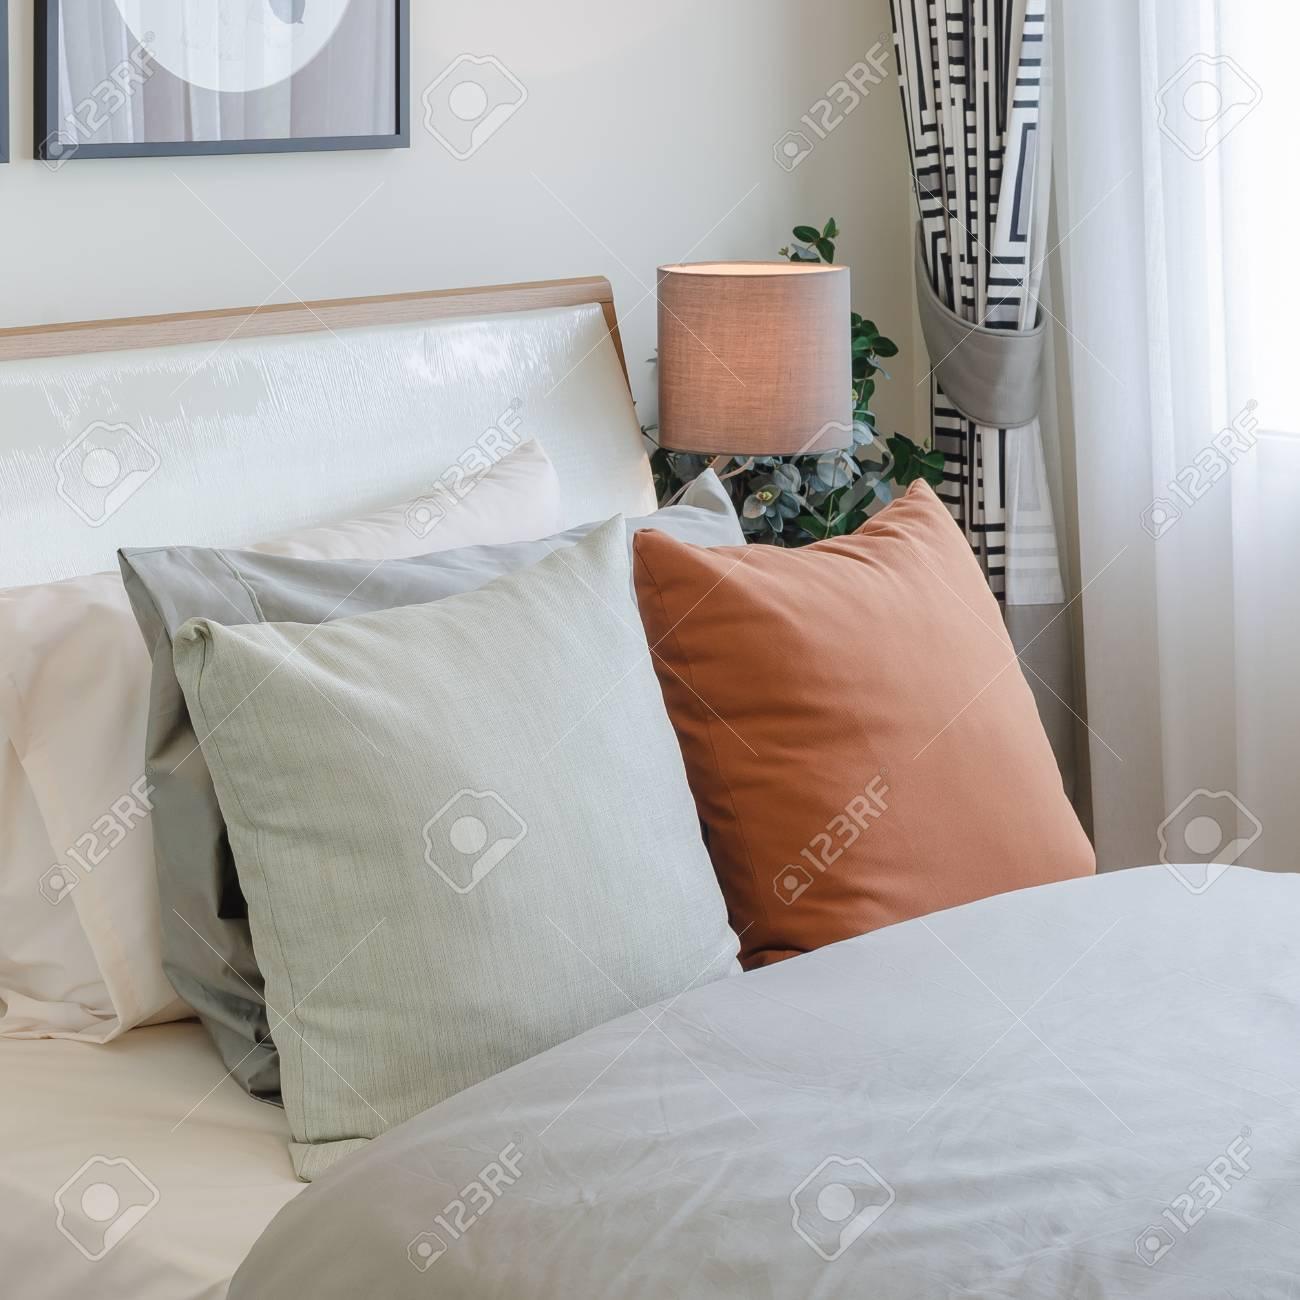 Oreiller de couleur orange sur lit blanc dans la chambre à la maison